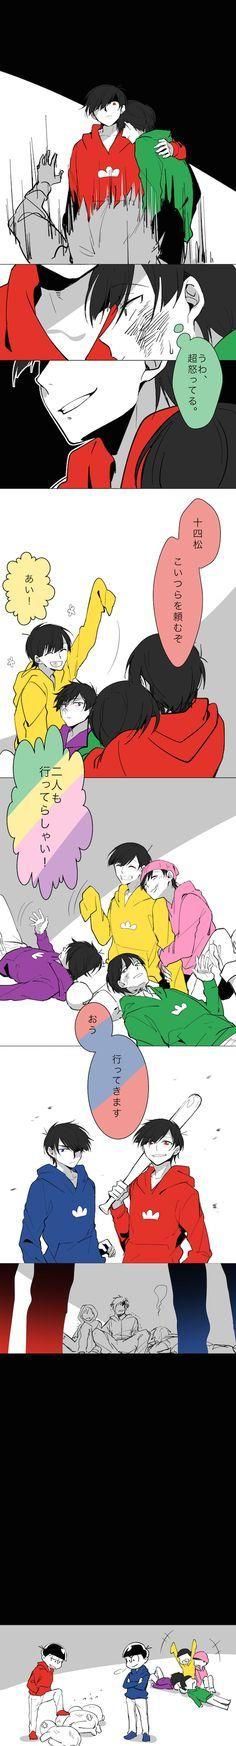 (4/4) Osomatsu-san- Osomatsu, Karamatsu, Choromatsu, Ichimatsu, Jyushimatsu, and Todomatsu #Anime「♡」